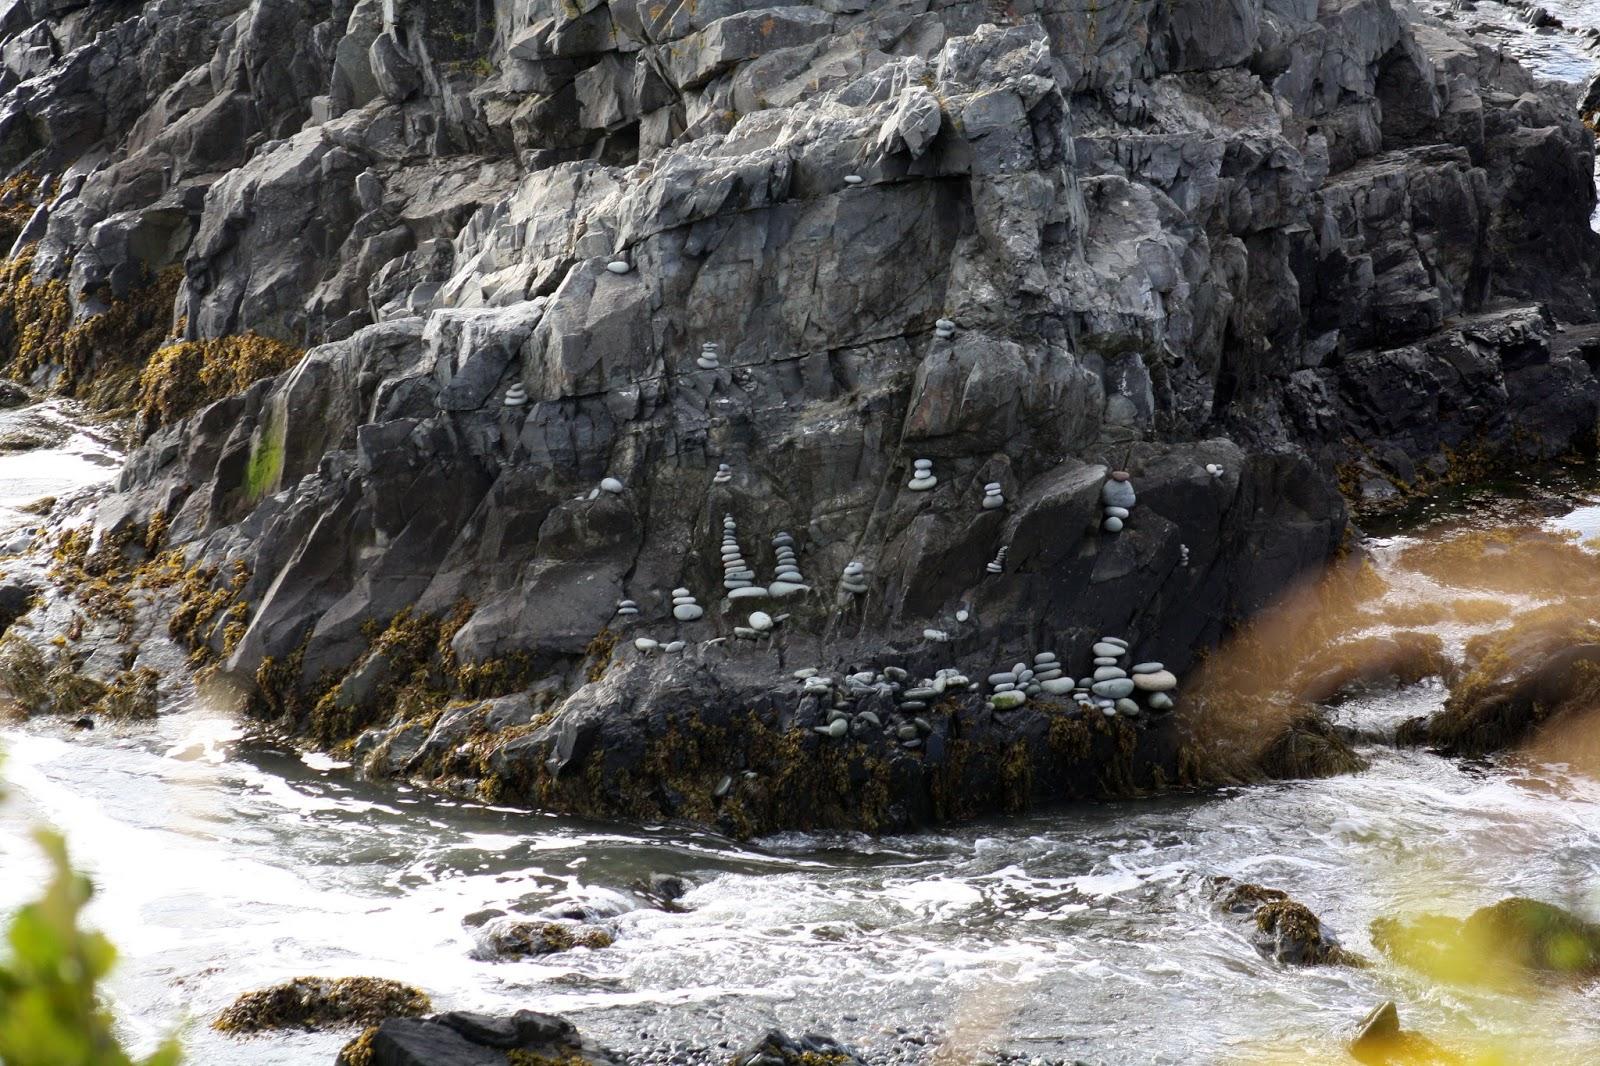 rock balancing, rock stacking, stone stacking, stone balancing